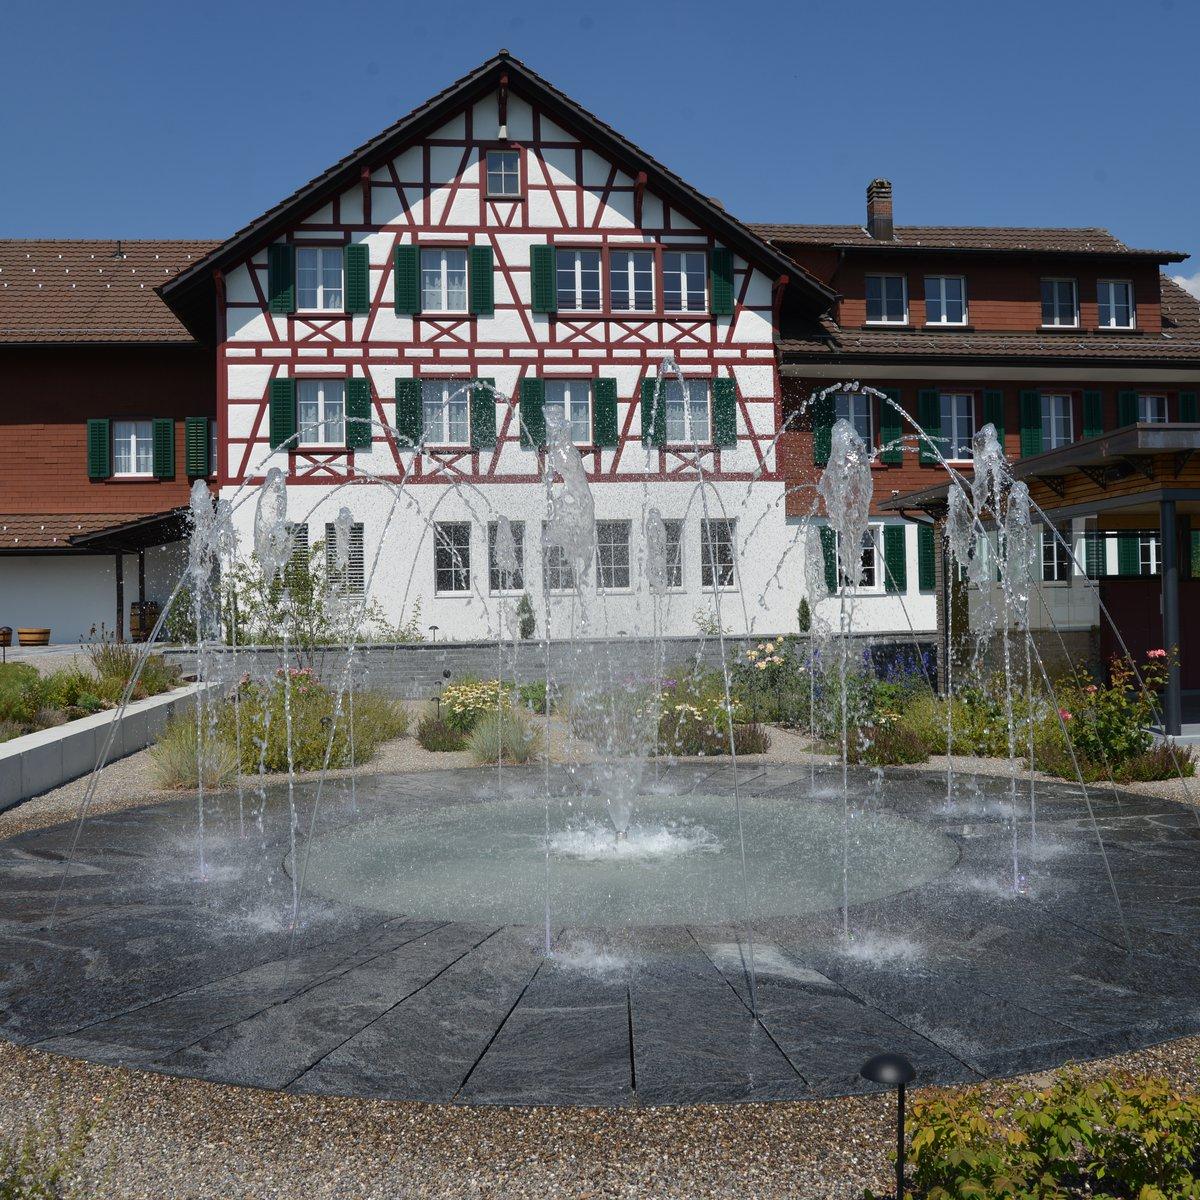 Hotel mit Springbrunnen